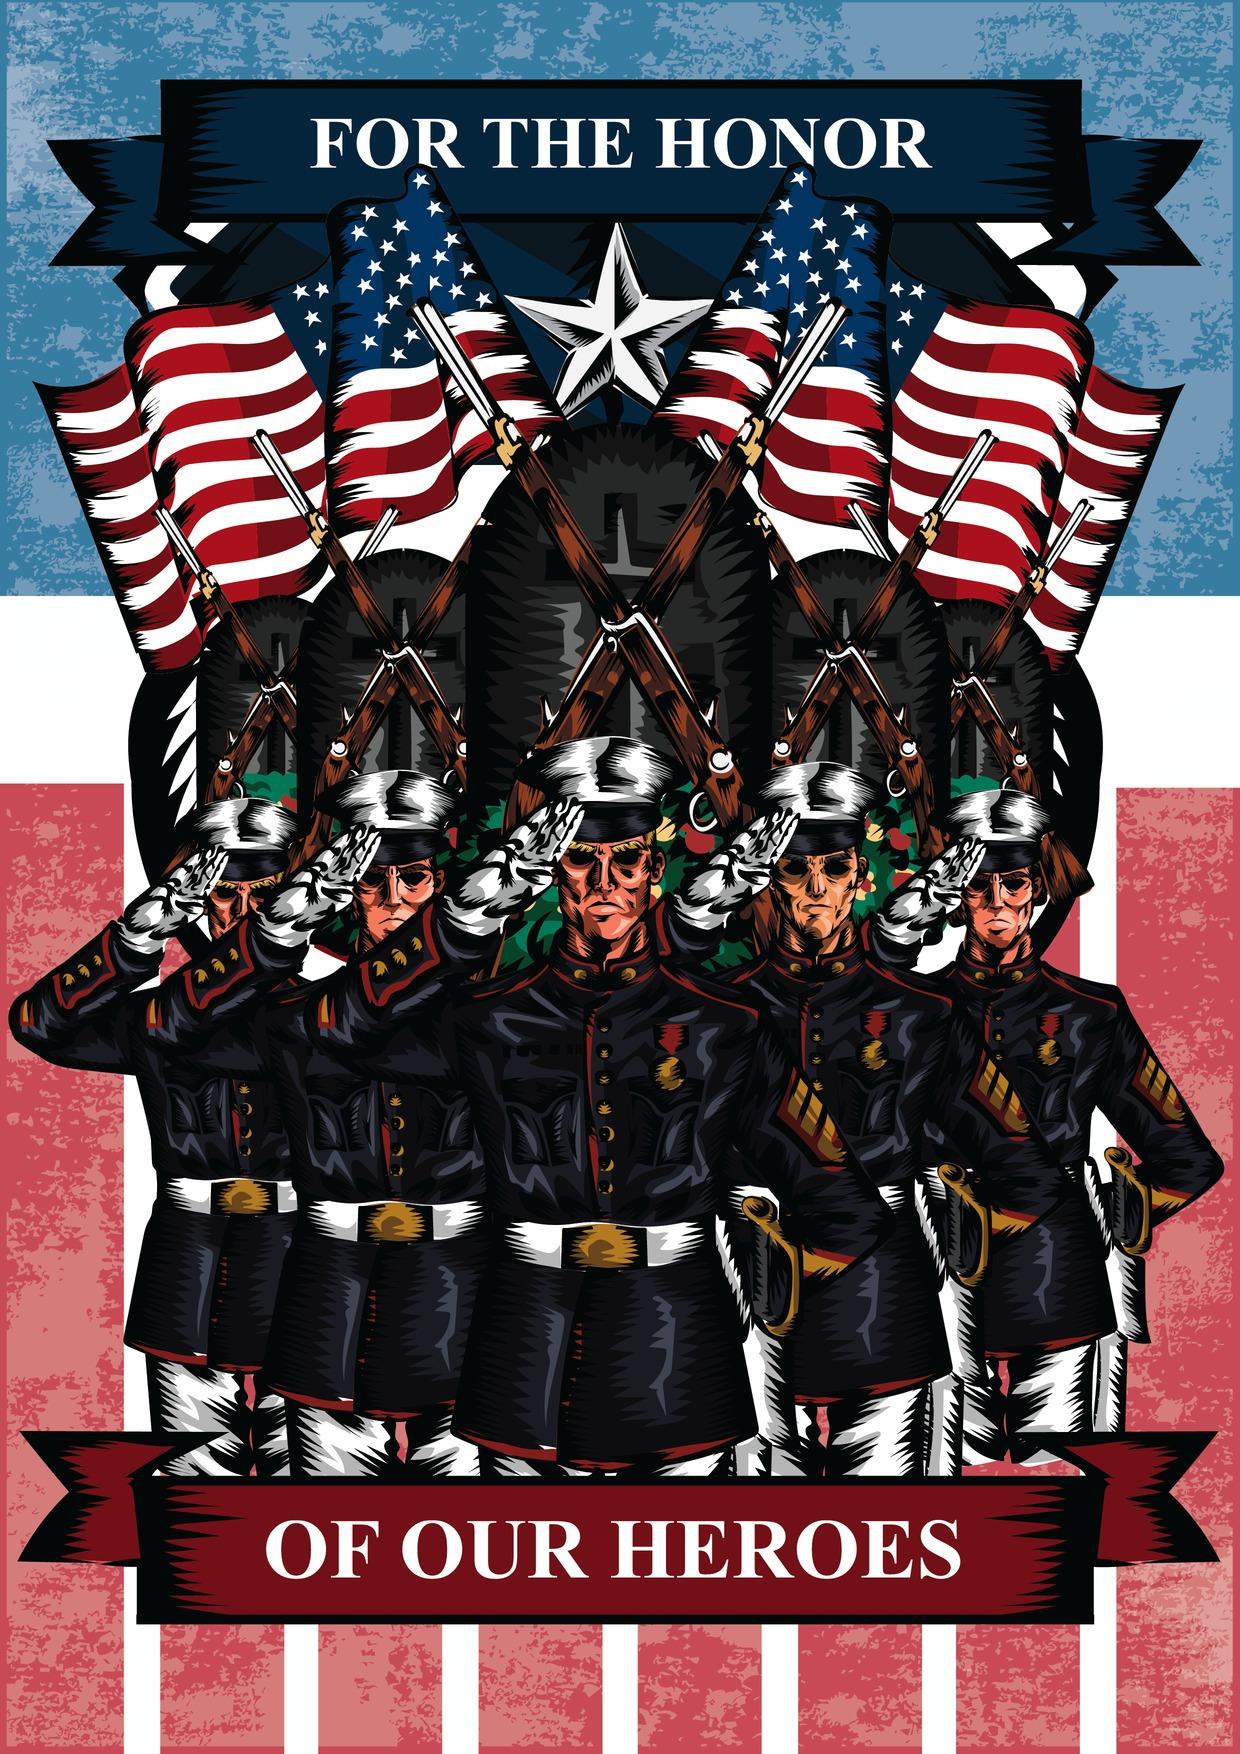 Memorial Day salute